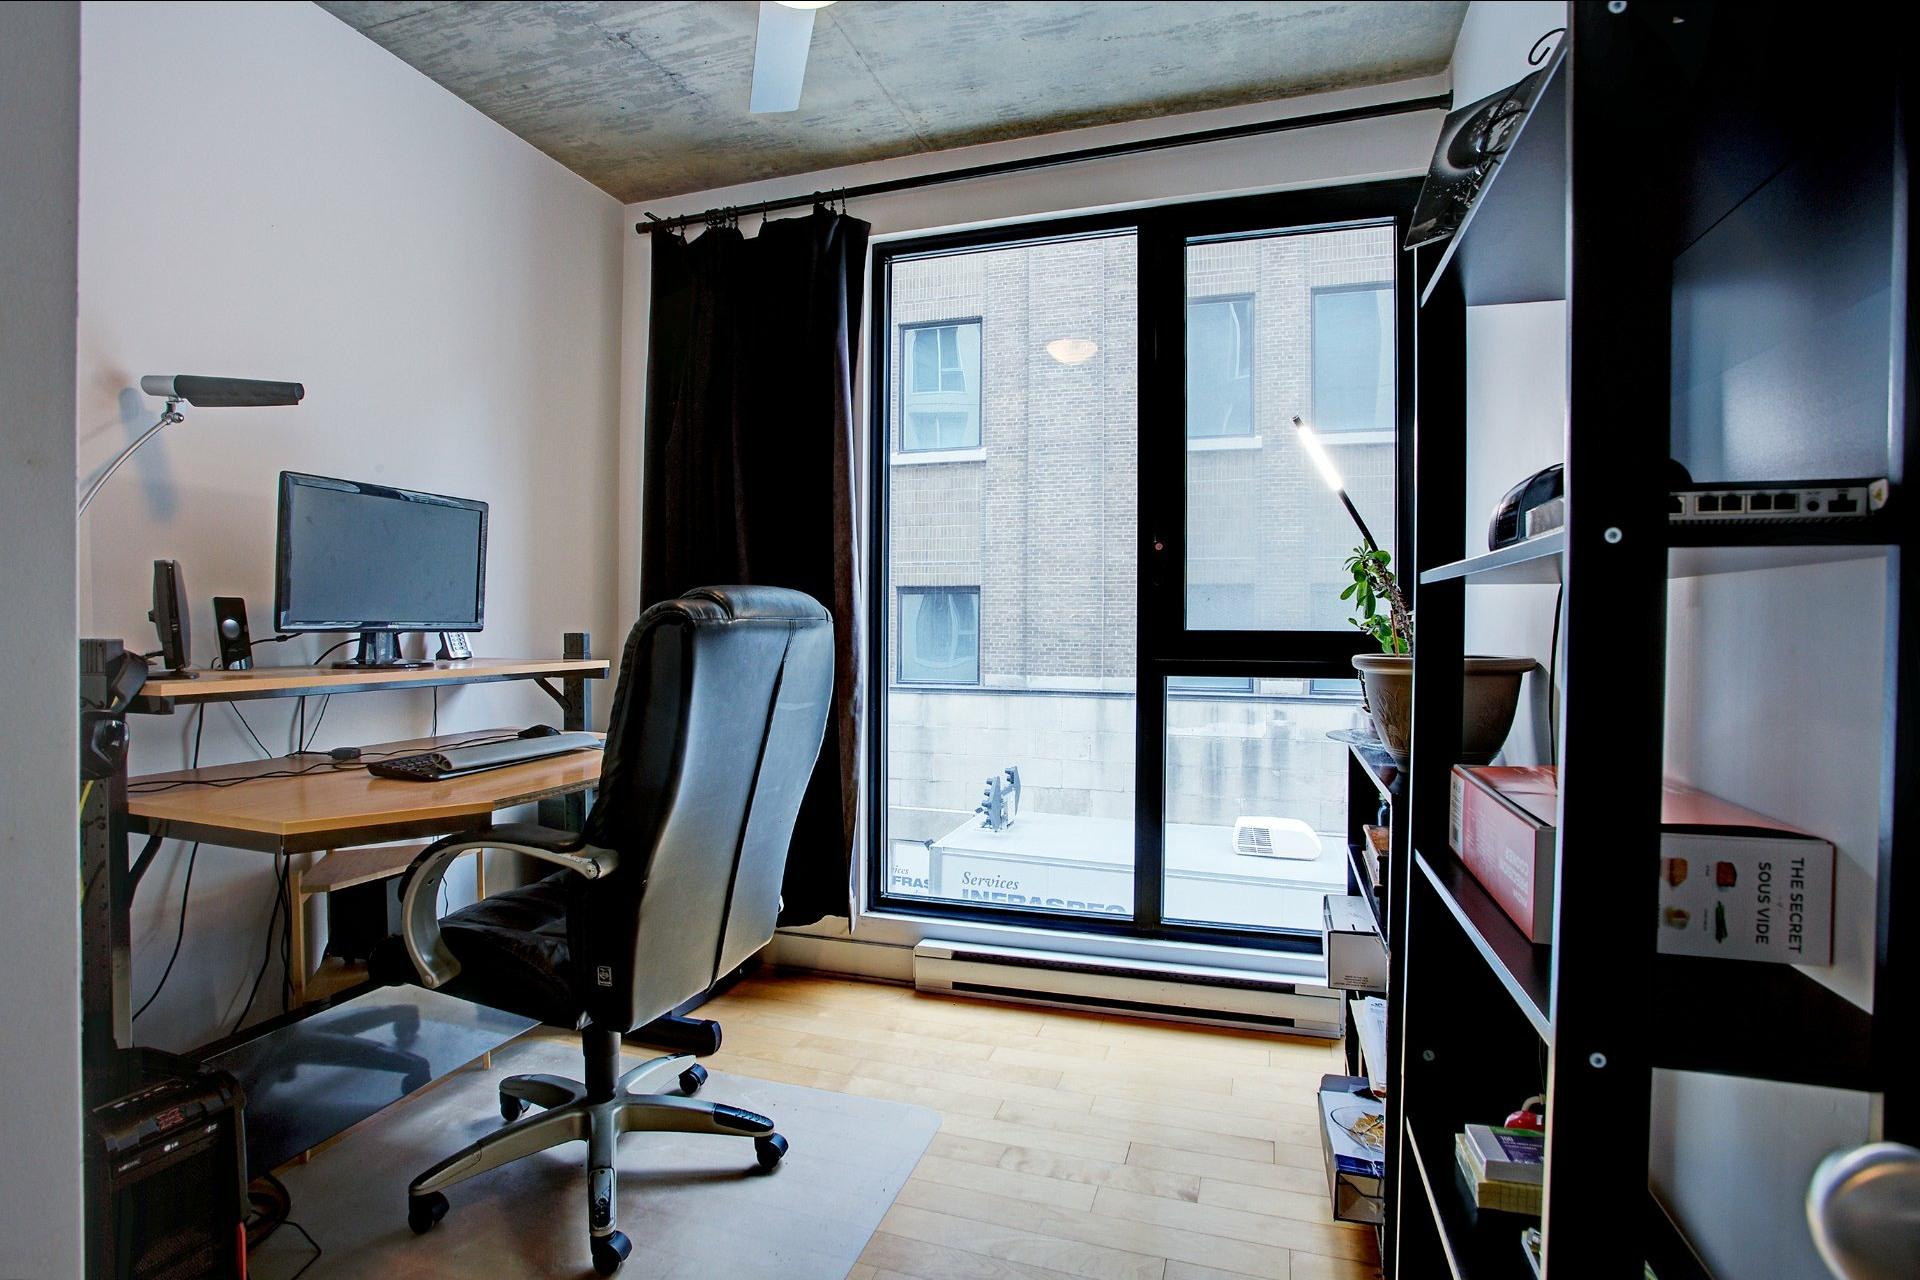 image 10 - 公寓 出售 Montréal Le Sud-Ouest  - 4 室